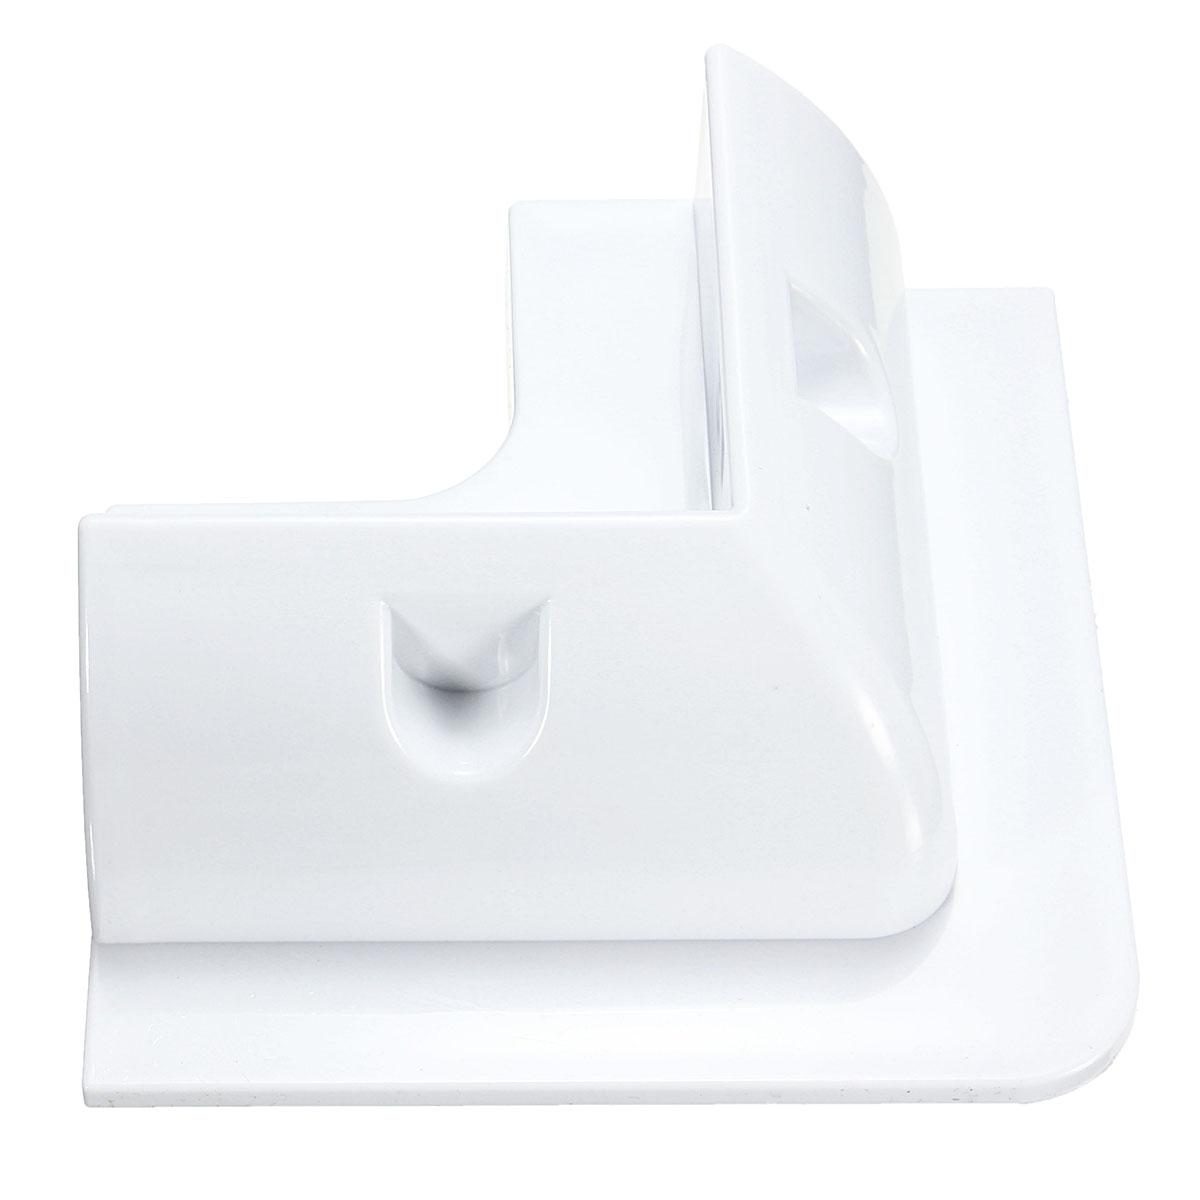 4Pcs Solar Panel Mounting Corner Drill-Free Glue Mounting Bracket Corner Frame Kit